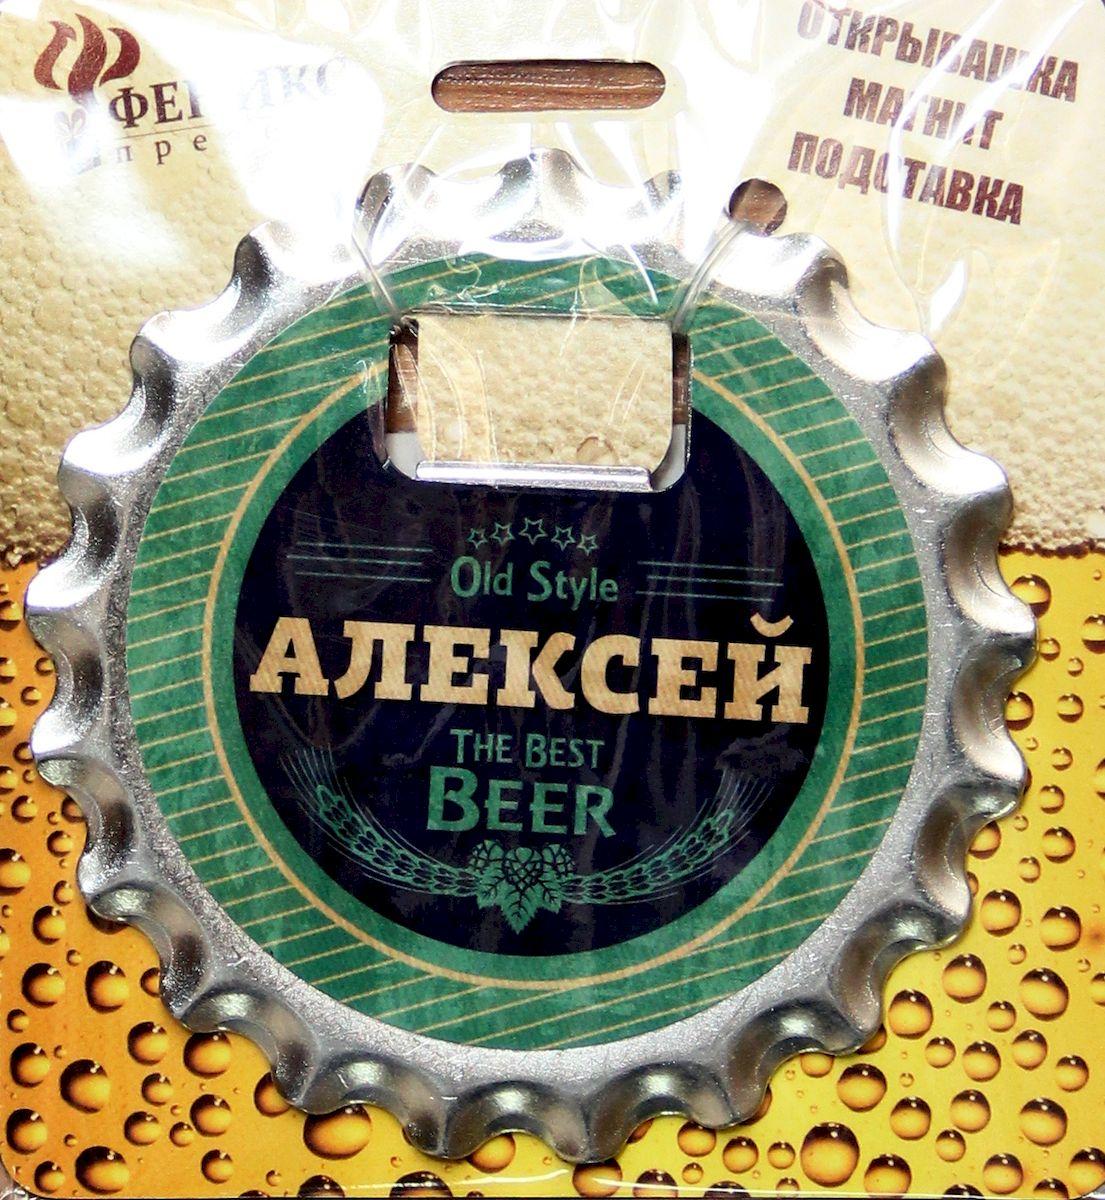 Ключ для открывания бутылок Magic Home Алексей, с магнитом41194Ключ для открывания бутылок - это полезный и нужный прибор в каждом доме. Он представляет собой подставку под пивной стакан с отверстием для удобного снятия металлических пробок с бутылок. Лицевая сторона украшена оригинальным изображением, а на оборотной стороне закреплены магнит и три пробковые вставки для защиты поверхности стола от повреждений. Изделие выполнено из оцинкованного металла.